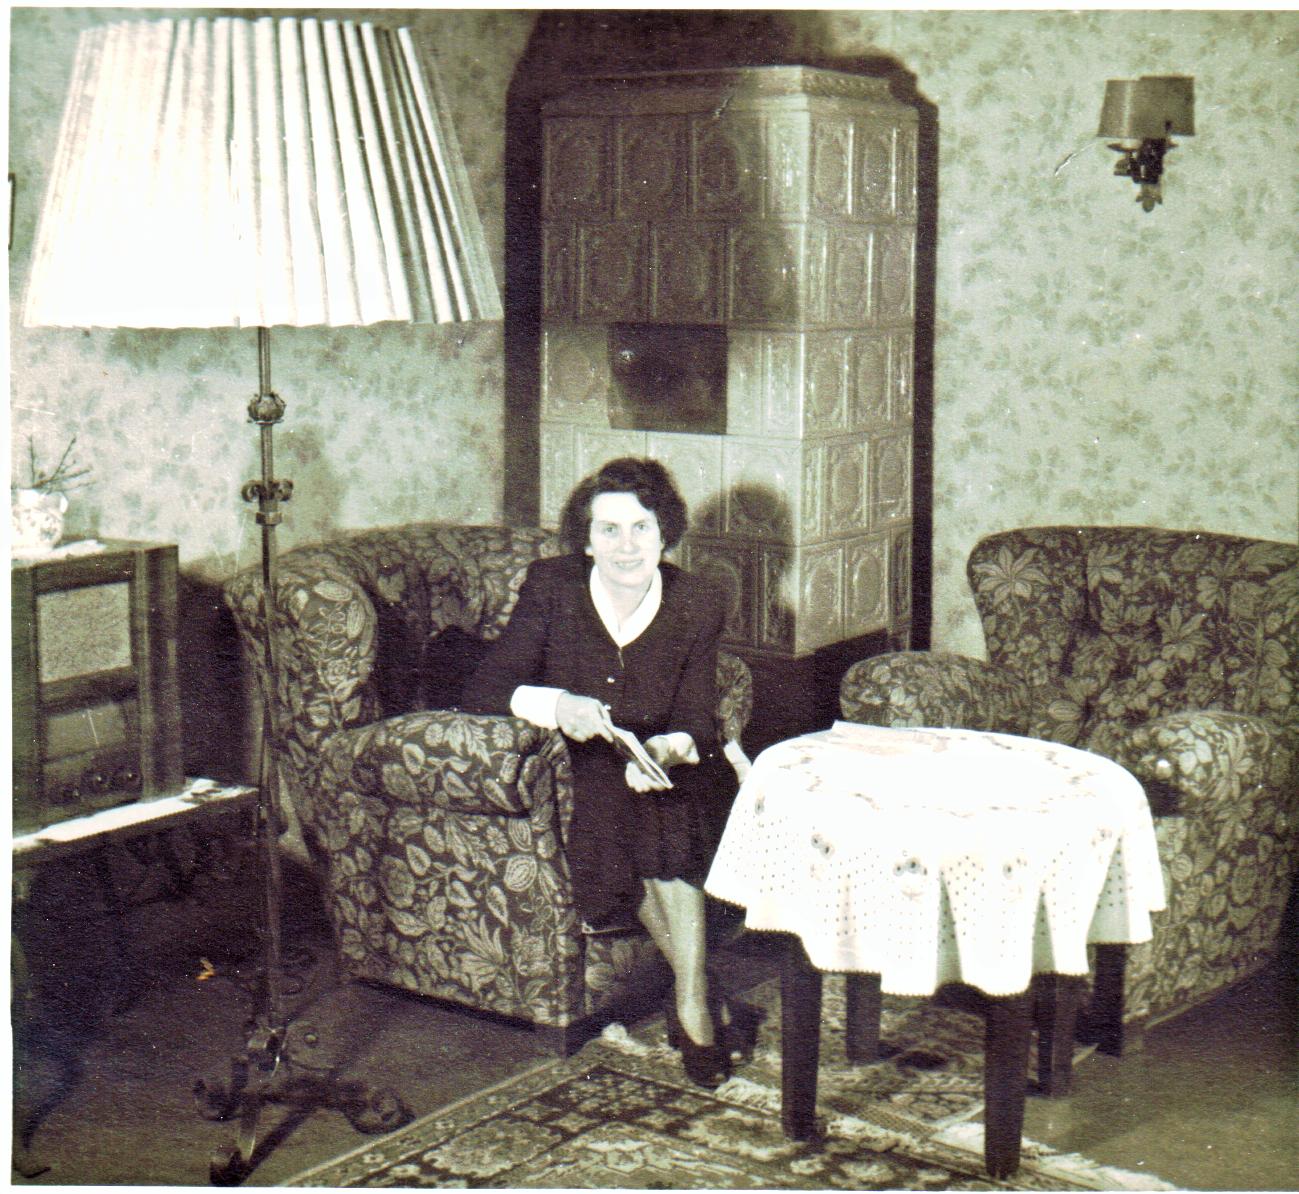 File:Wohnzimmer, Berlin um 1950.jpg - Wikimedia Commons